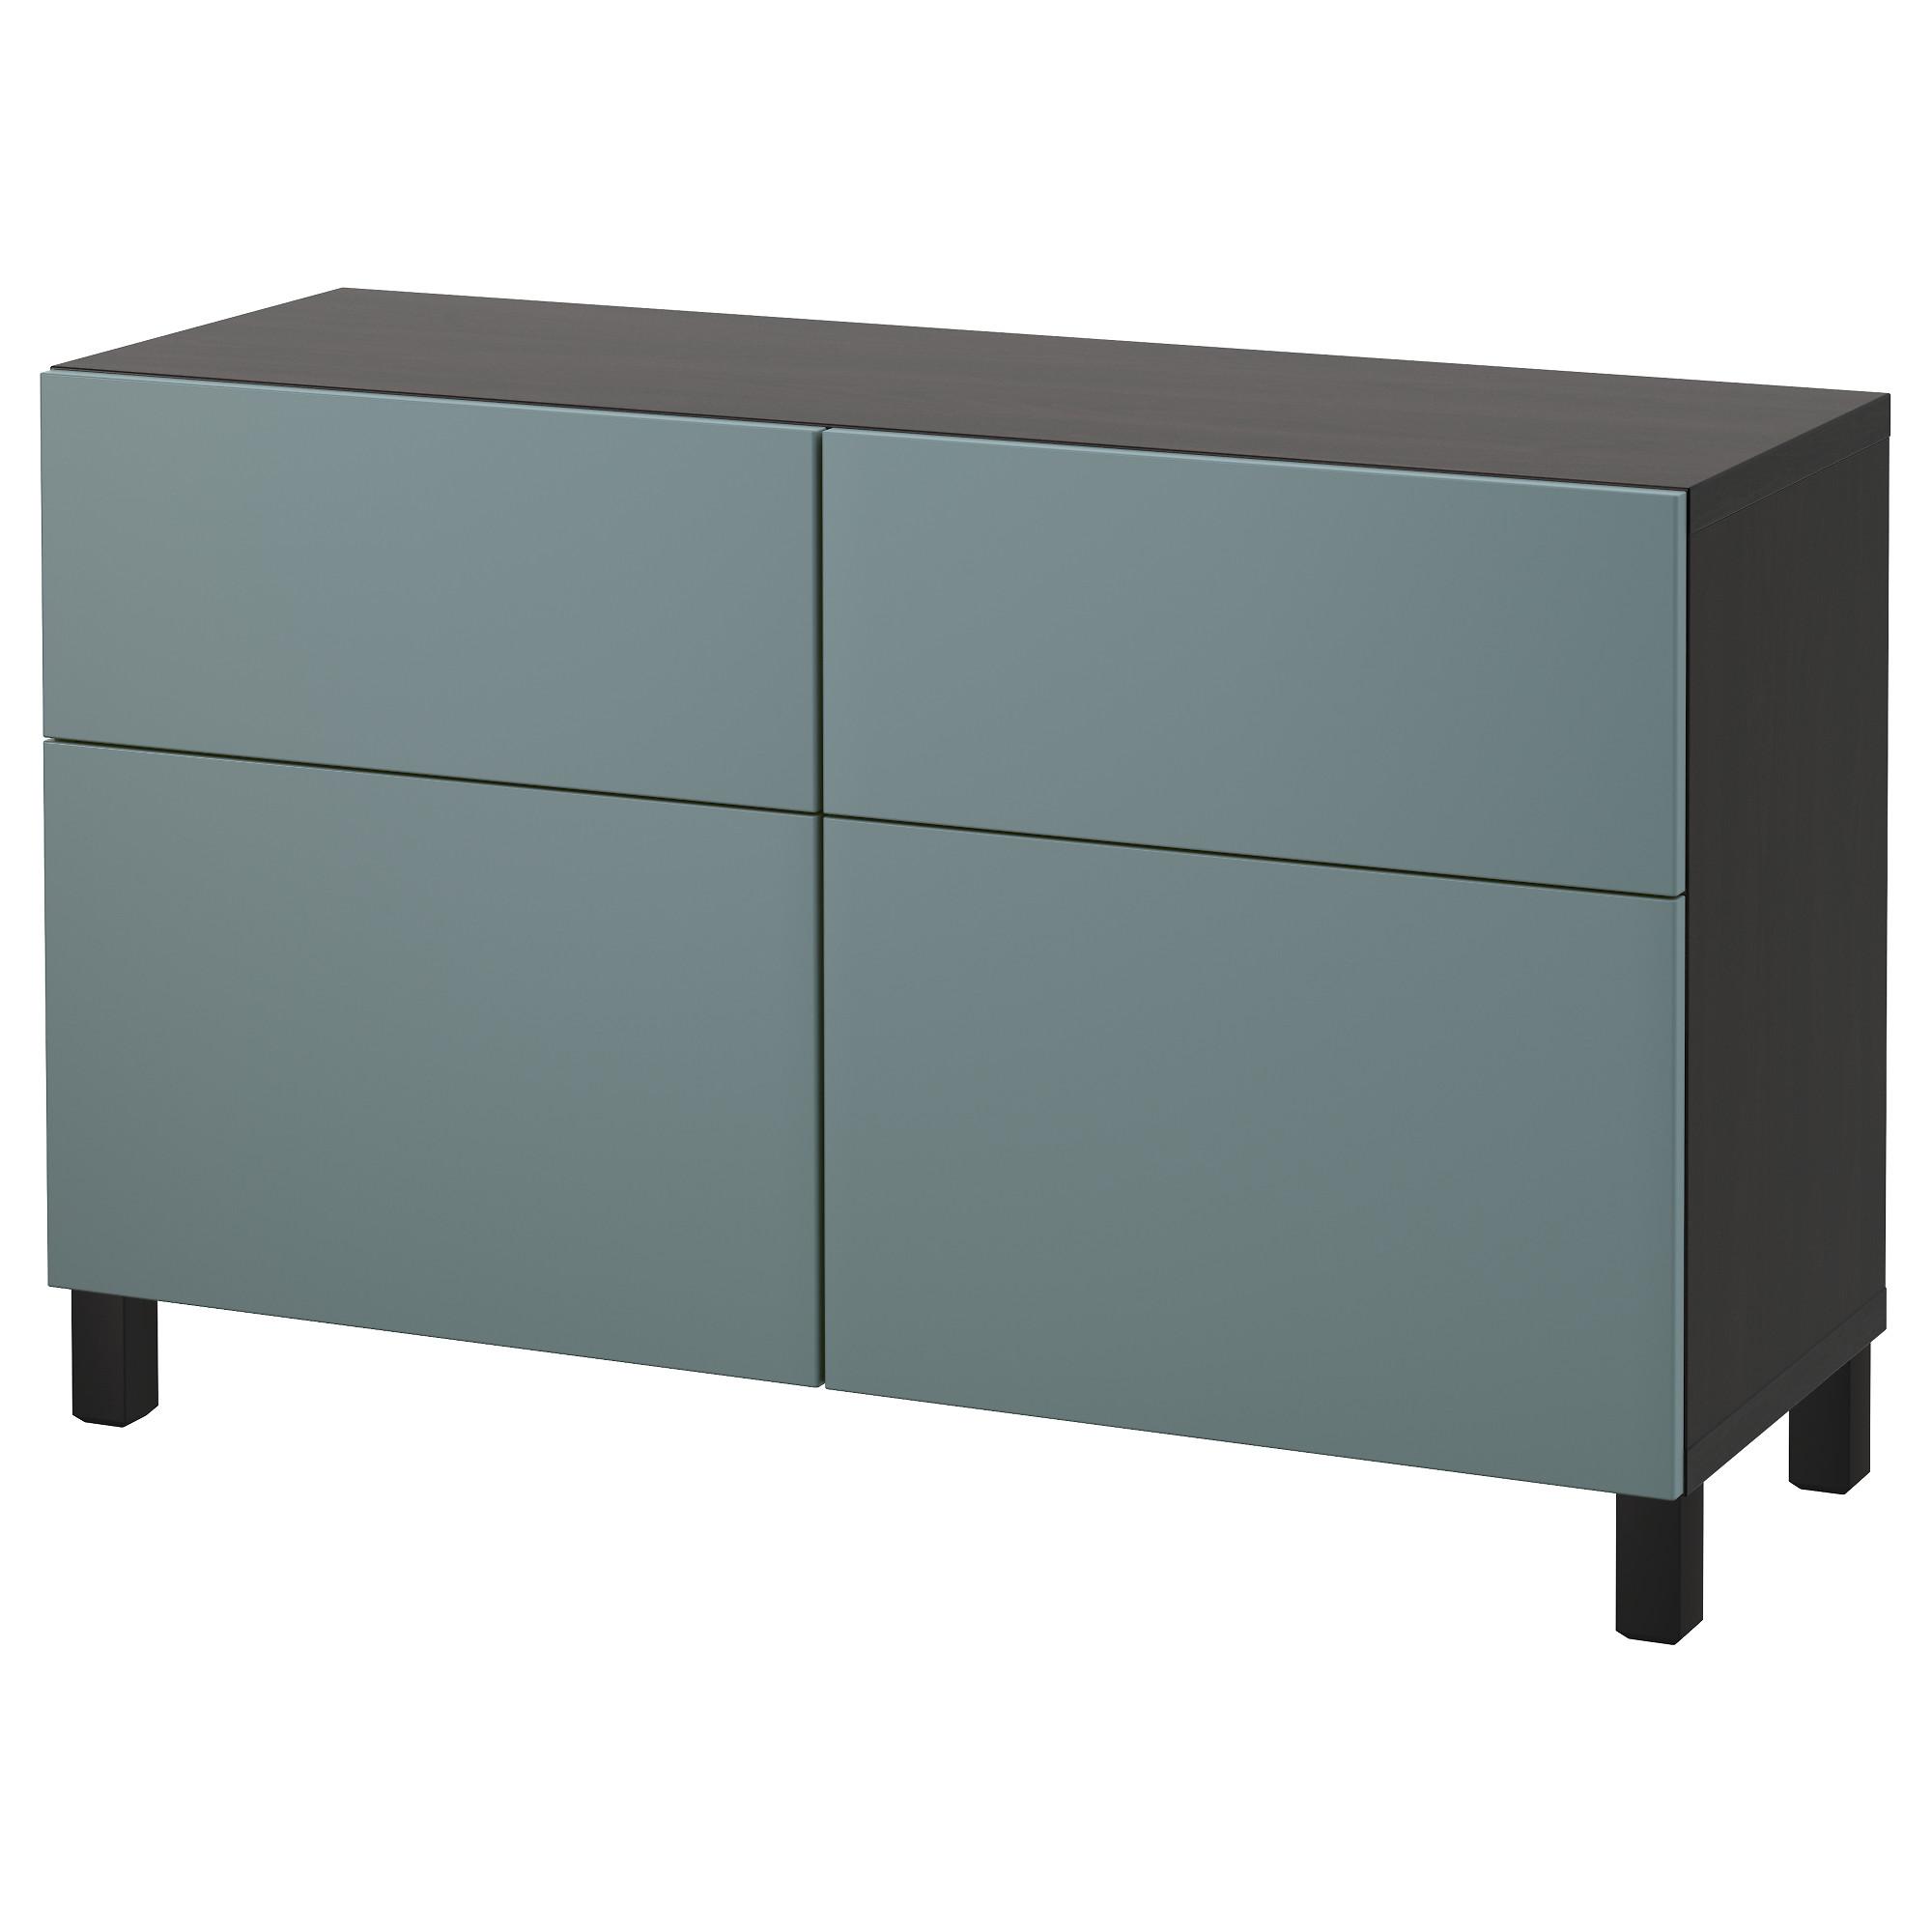 Комбинация для хранения с дверцами, ящиками БЕСТО, черно-коричневый, Вальвикен серо-бирюзовый (120x40x74 см)